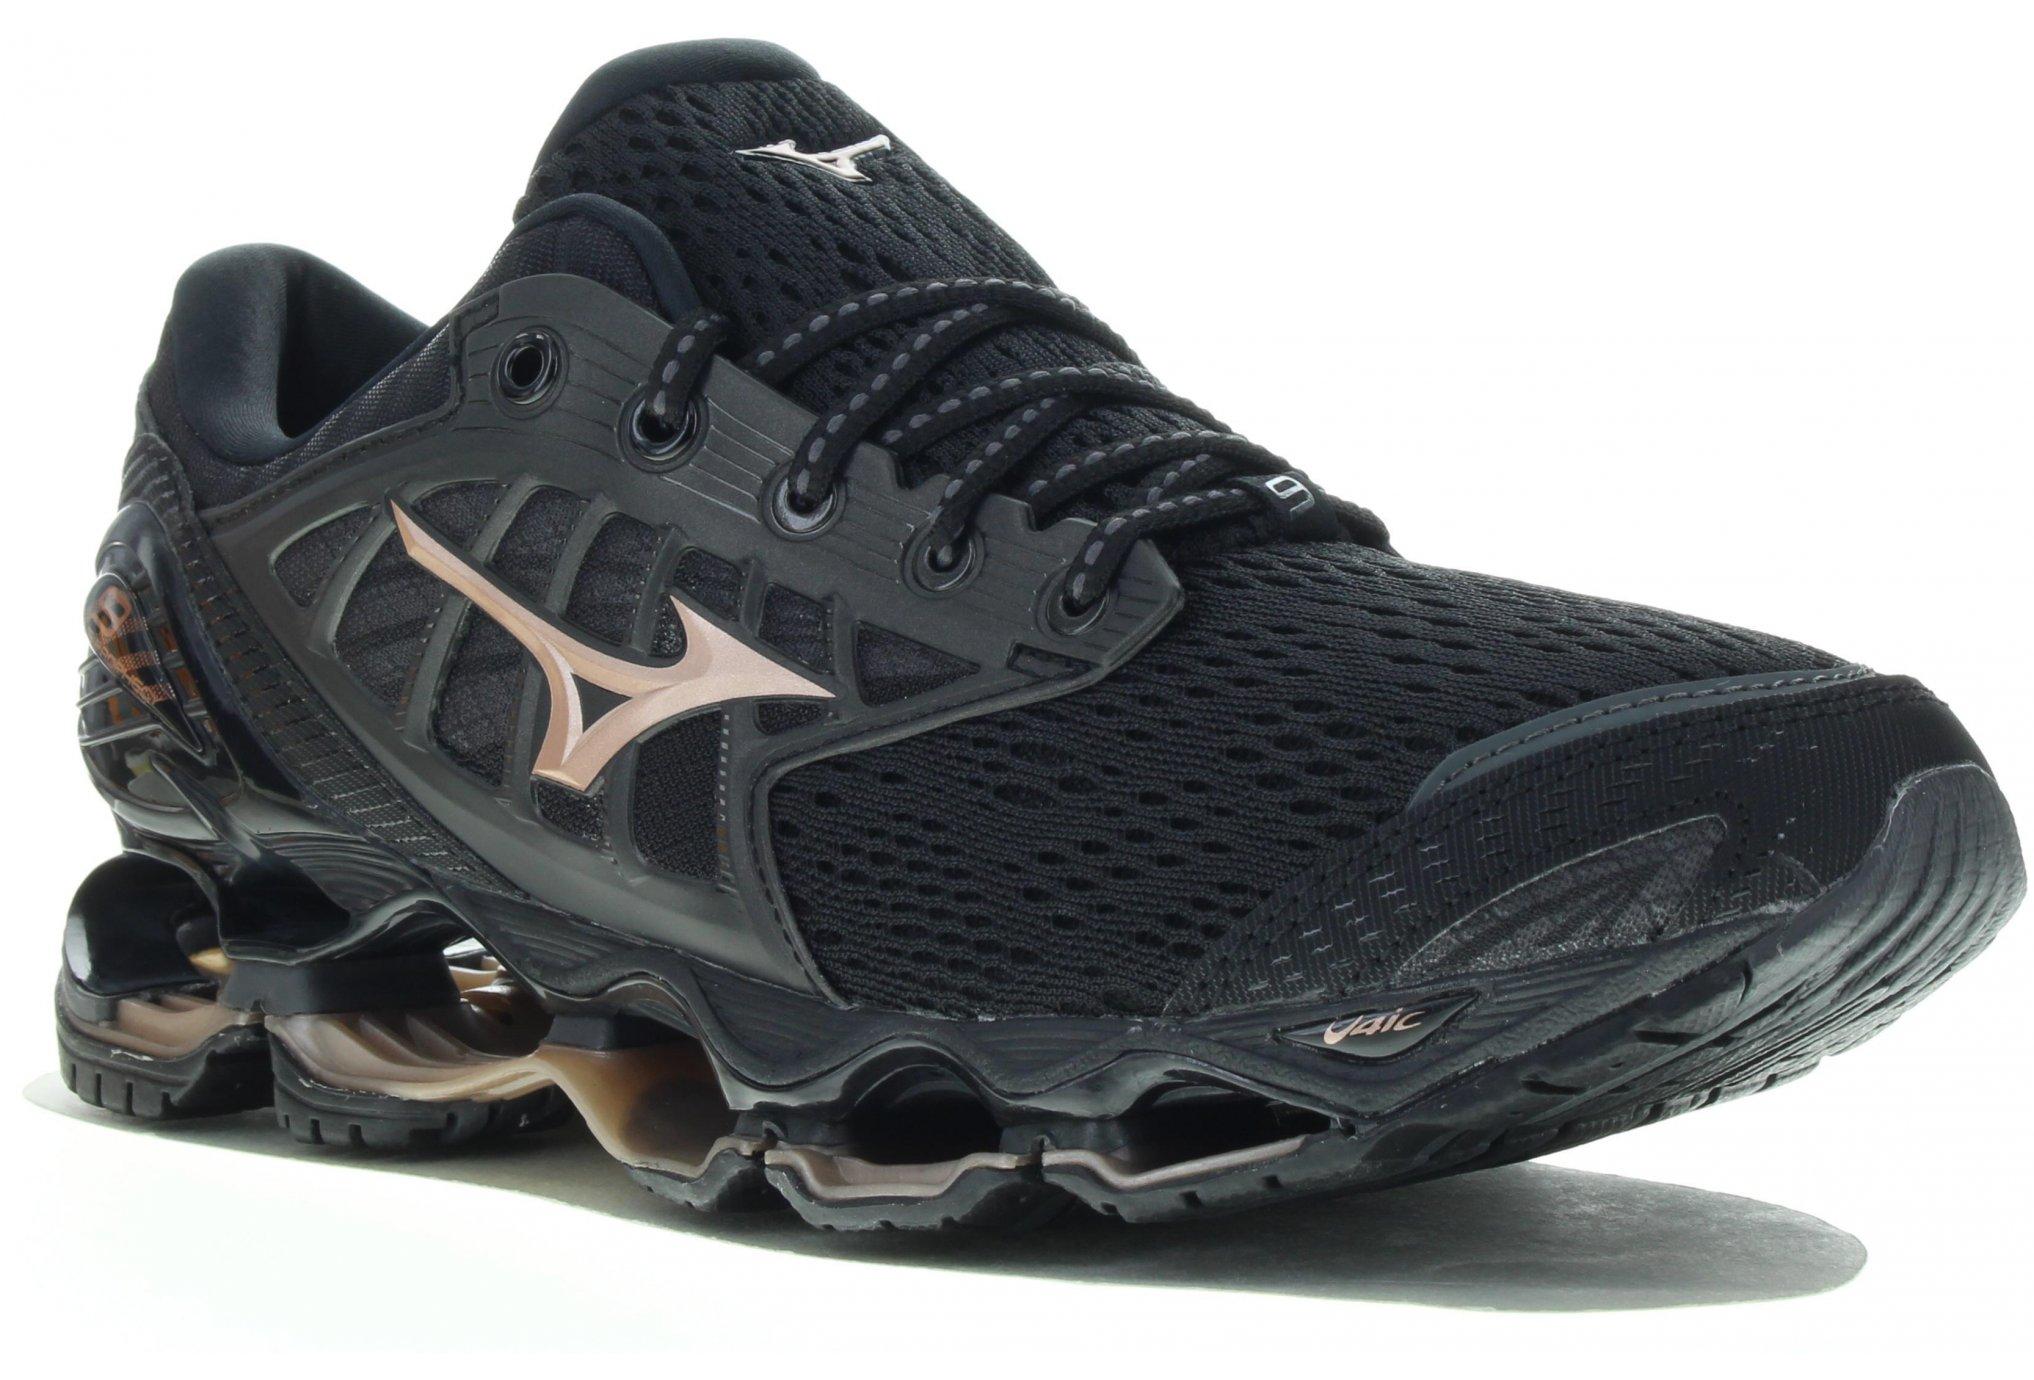 Mizuno Wave Prophecy 9 W Chaussures running femme